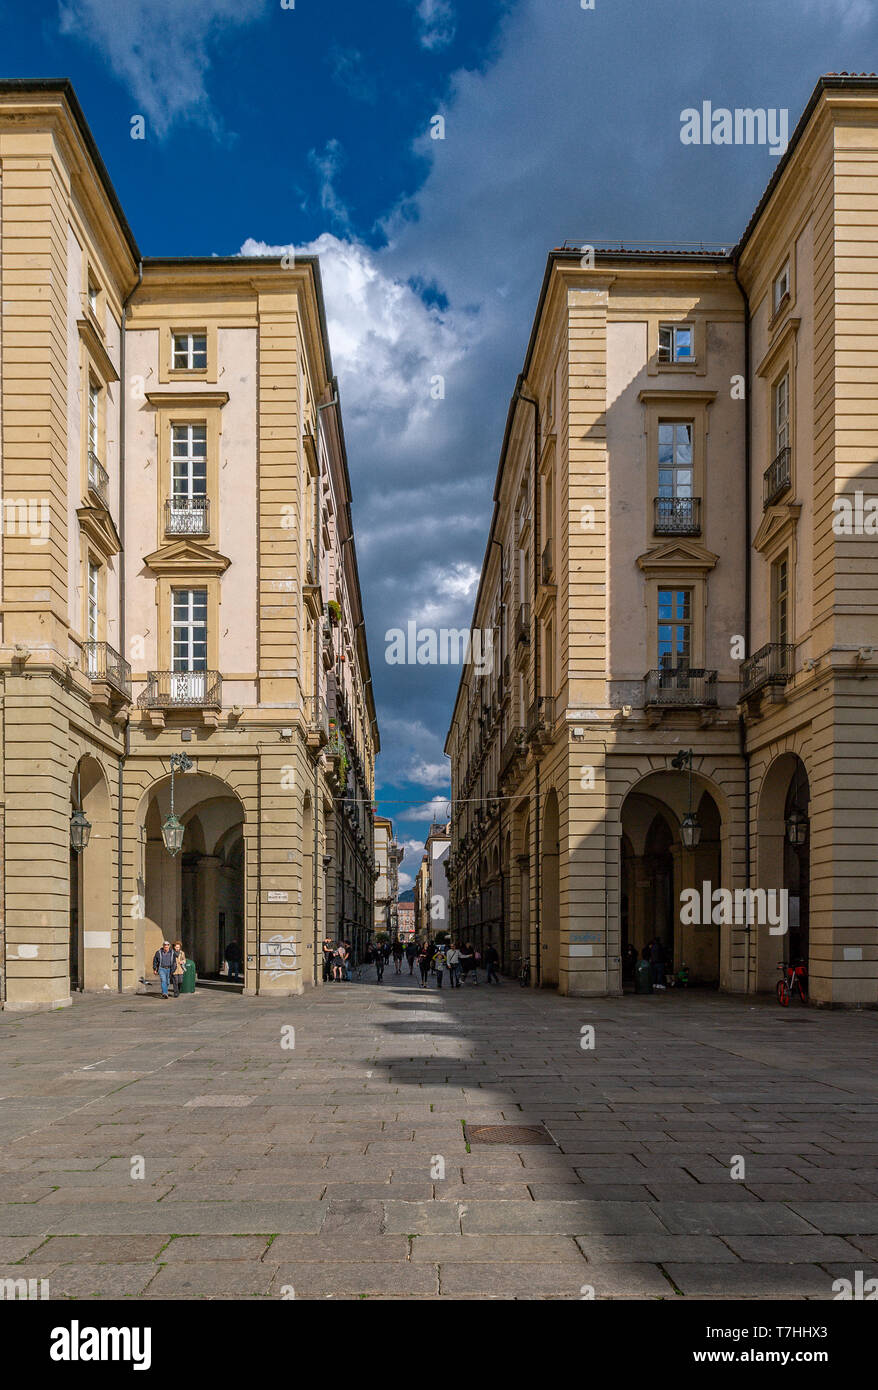 Italy Piedmont Turin Piazza Palazzo di Città e Via Palazzo di Città - Stock Image